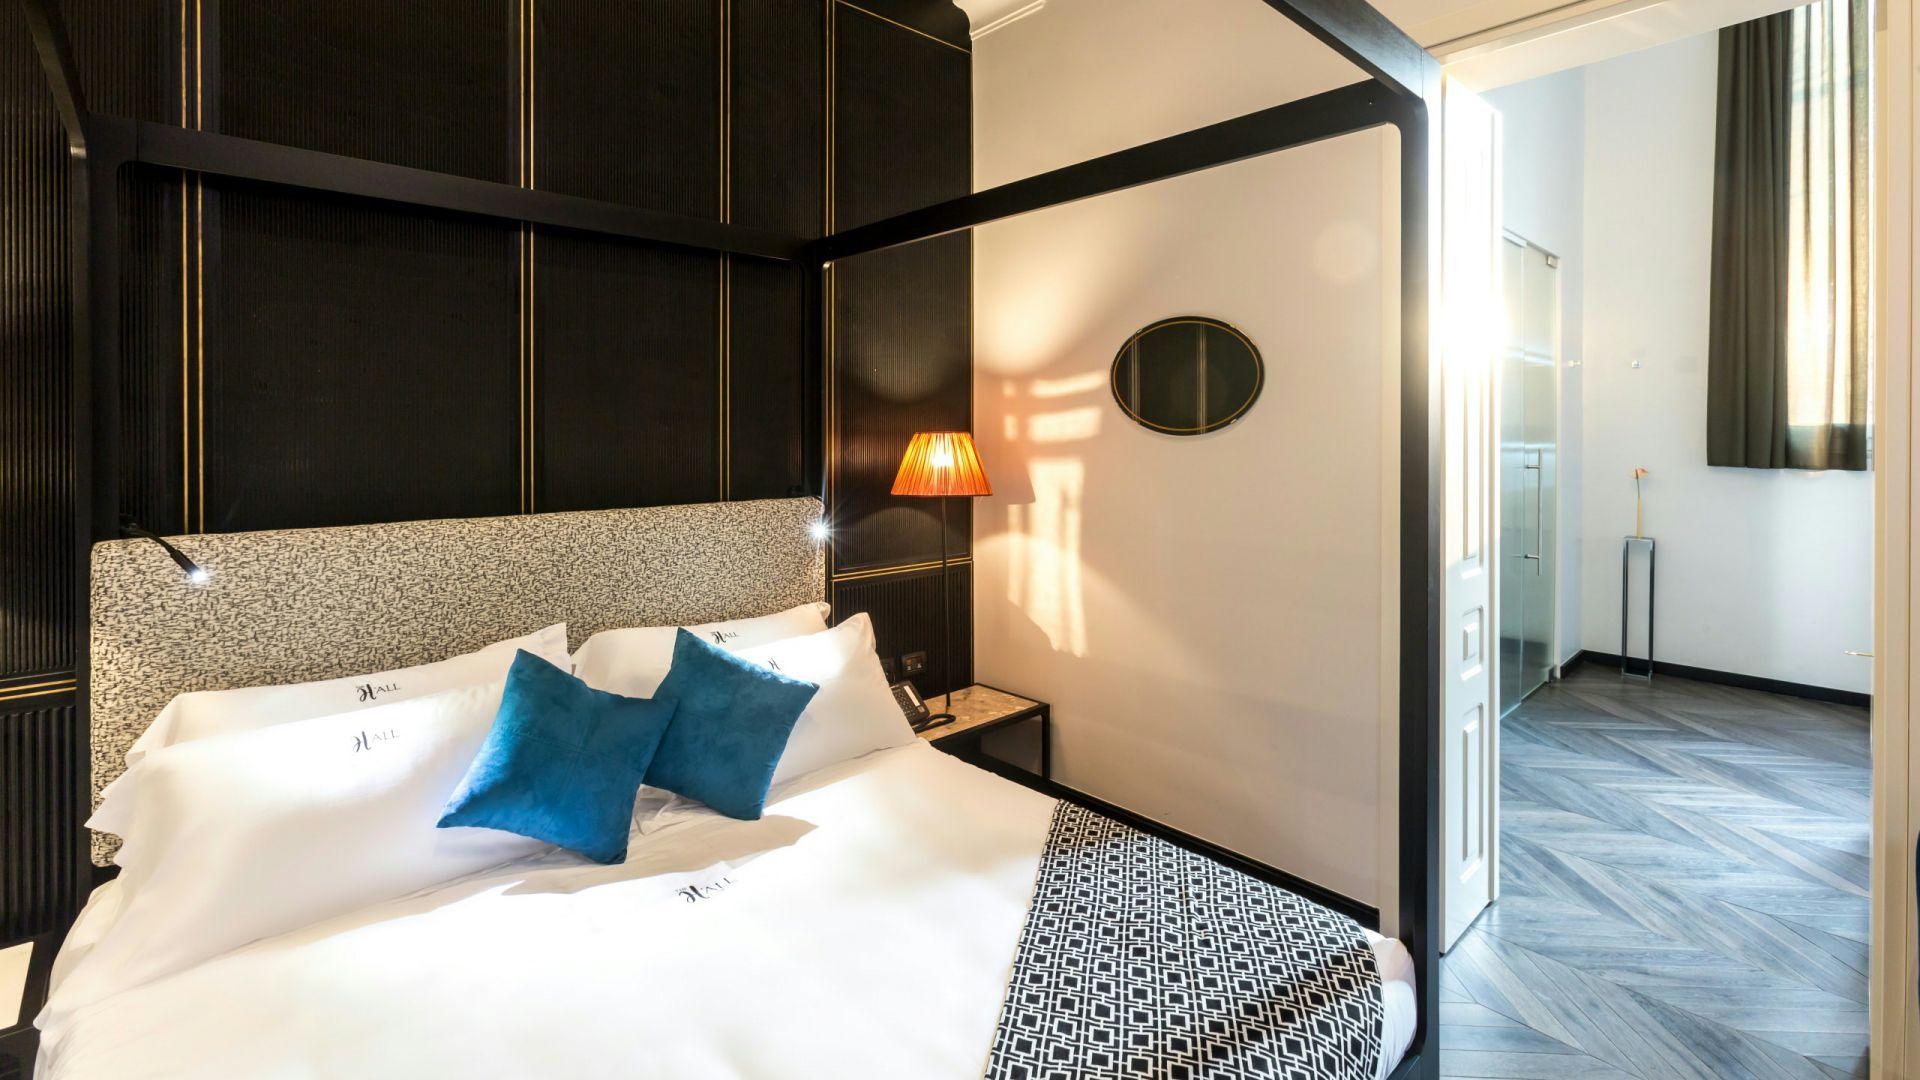 theallhotel-suite-0546